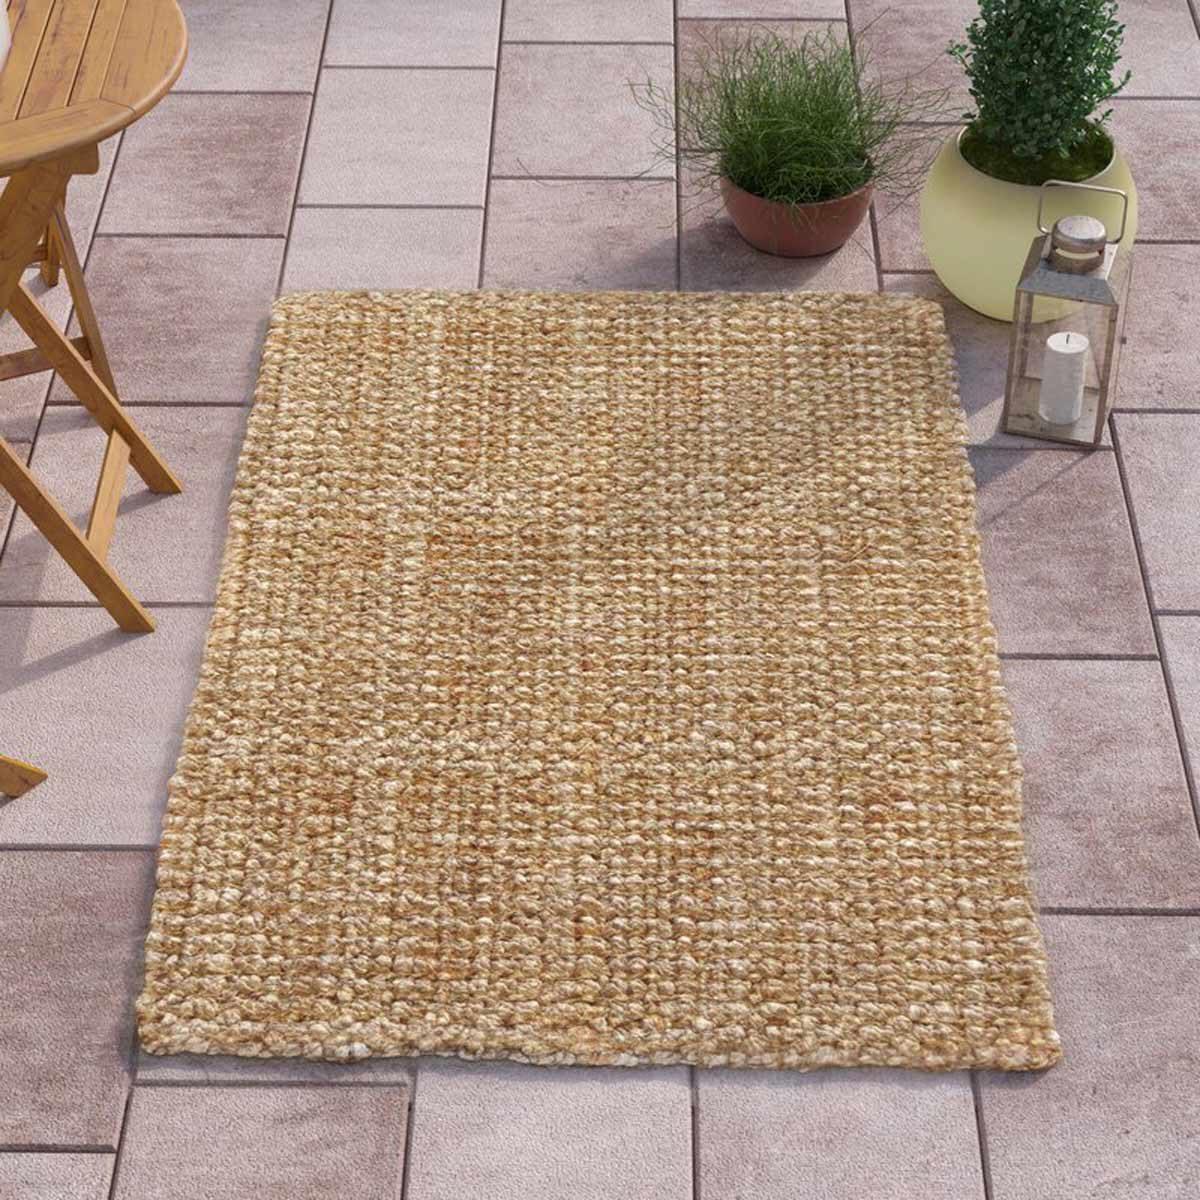 jute outdoor rug